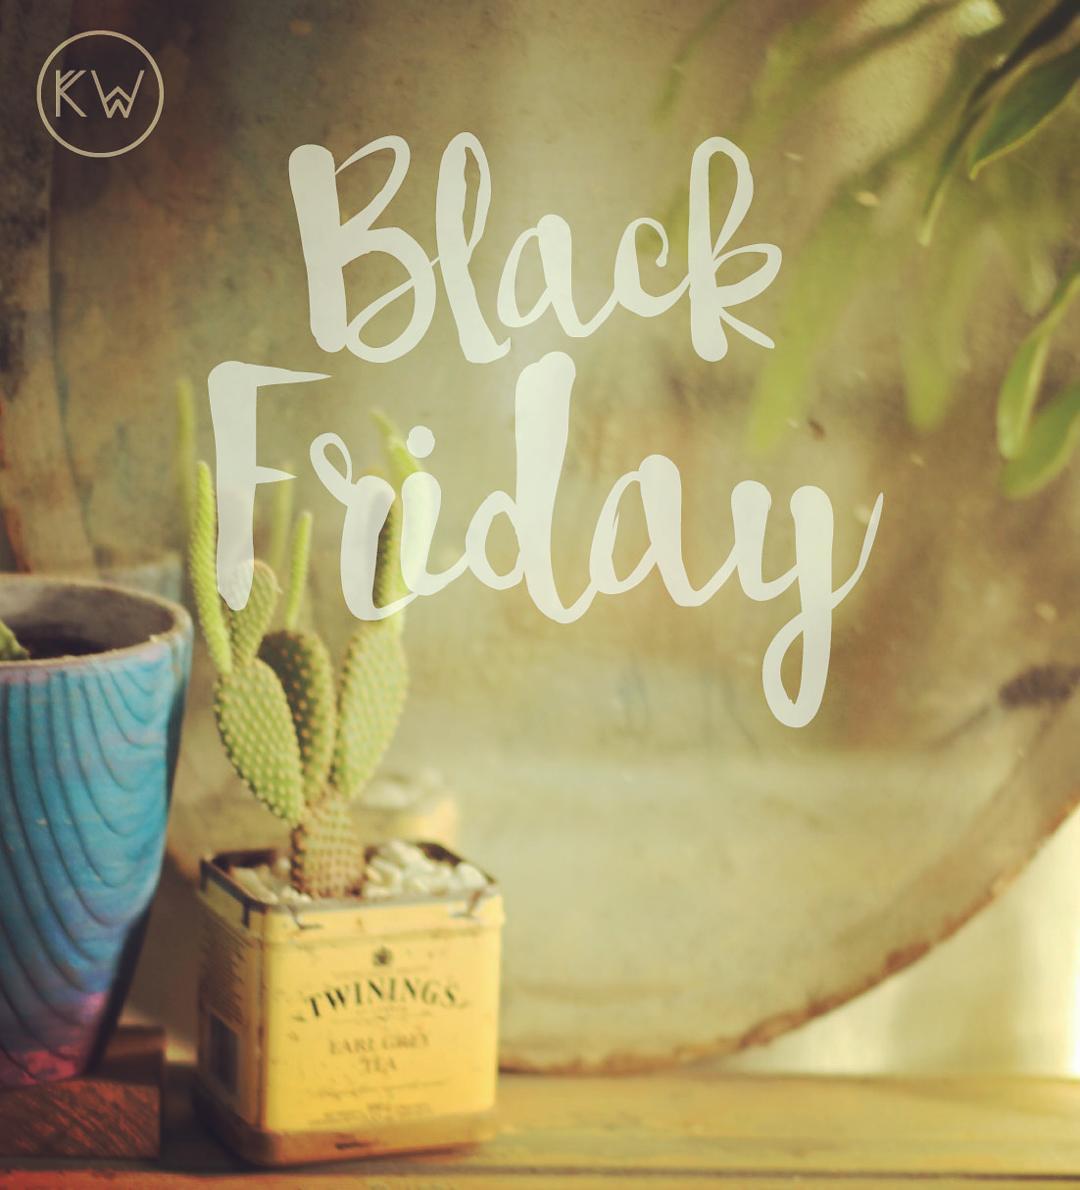 No te pierdas del BLACK FRIDAY! Mañana 25%OFF en nuestro Showroom en San Isidro • Gascon 83• 16 a 20hs •